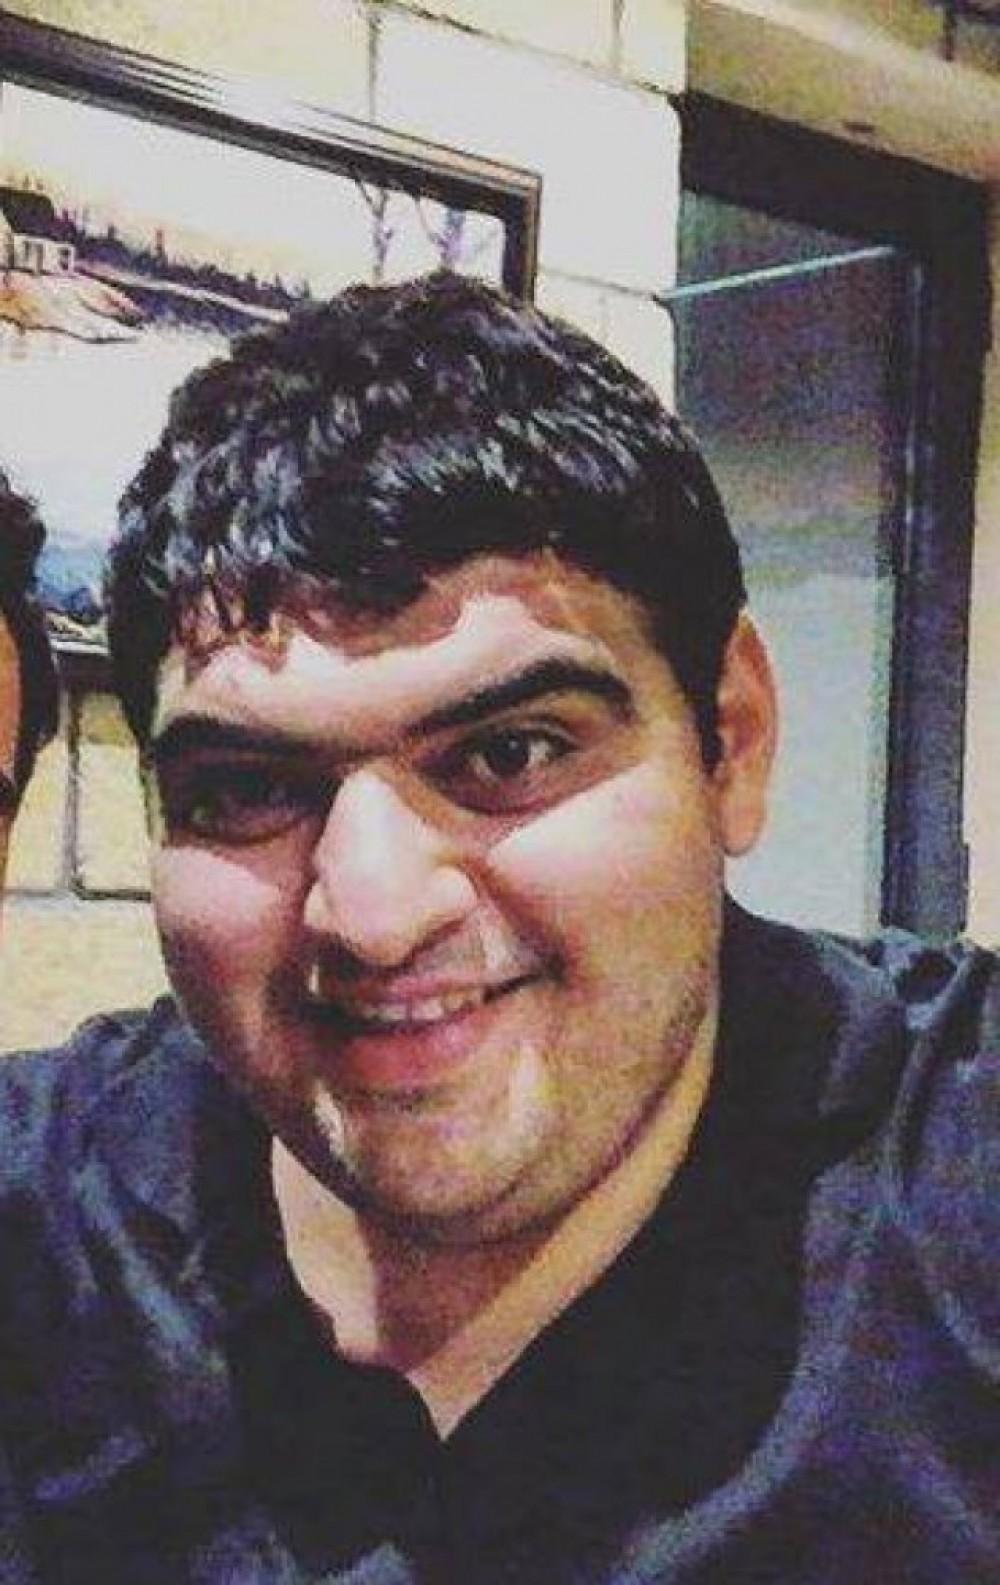 Водитель, который сбил Мишу Ращенко, разбился насмерть в Армении